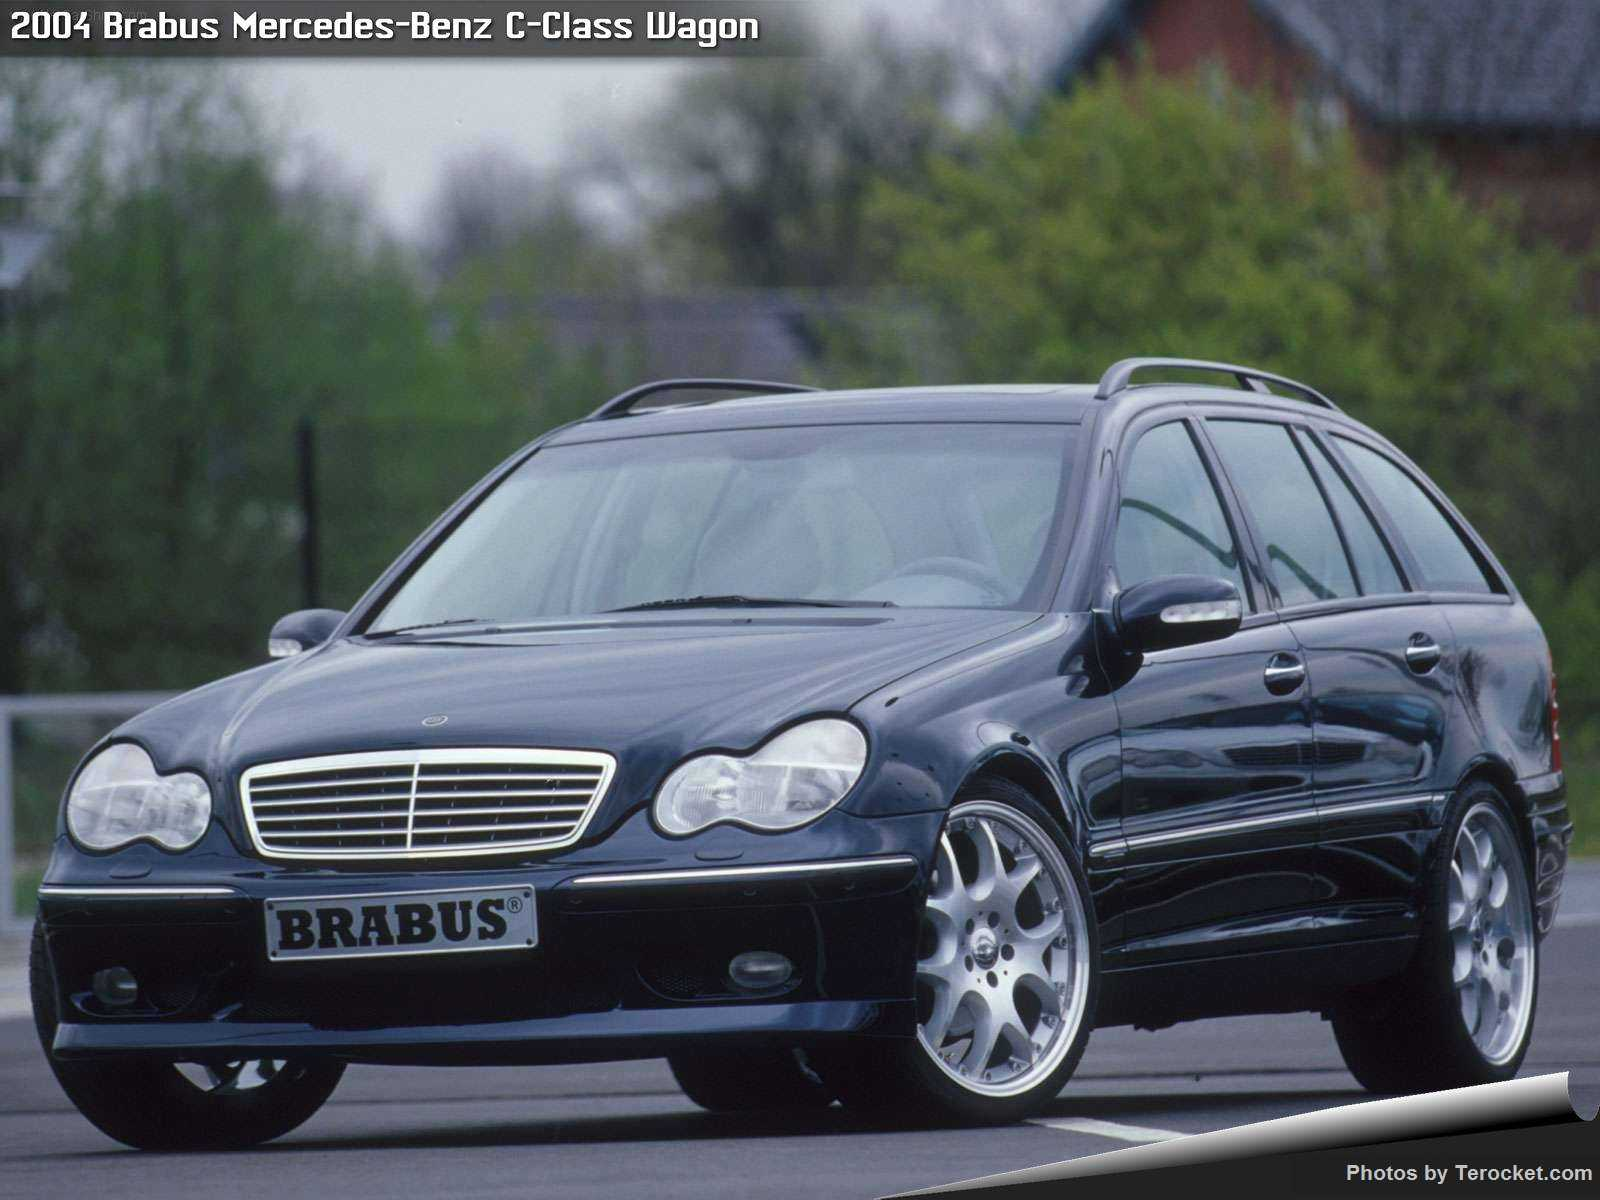 Hình ảnh xe ô tô Brabus Mercedes-Benz C-Class Wagon 2004 & nội ngoại thất